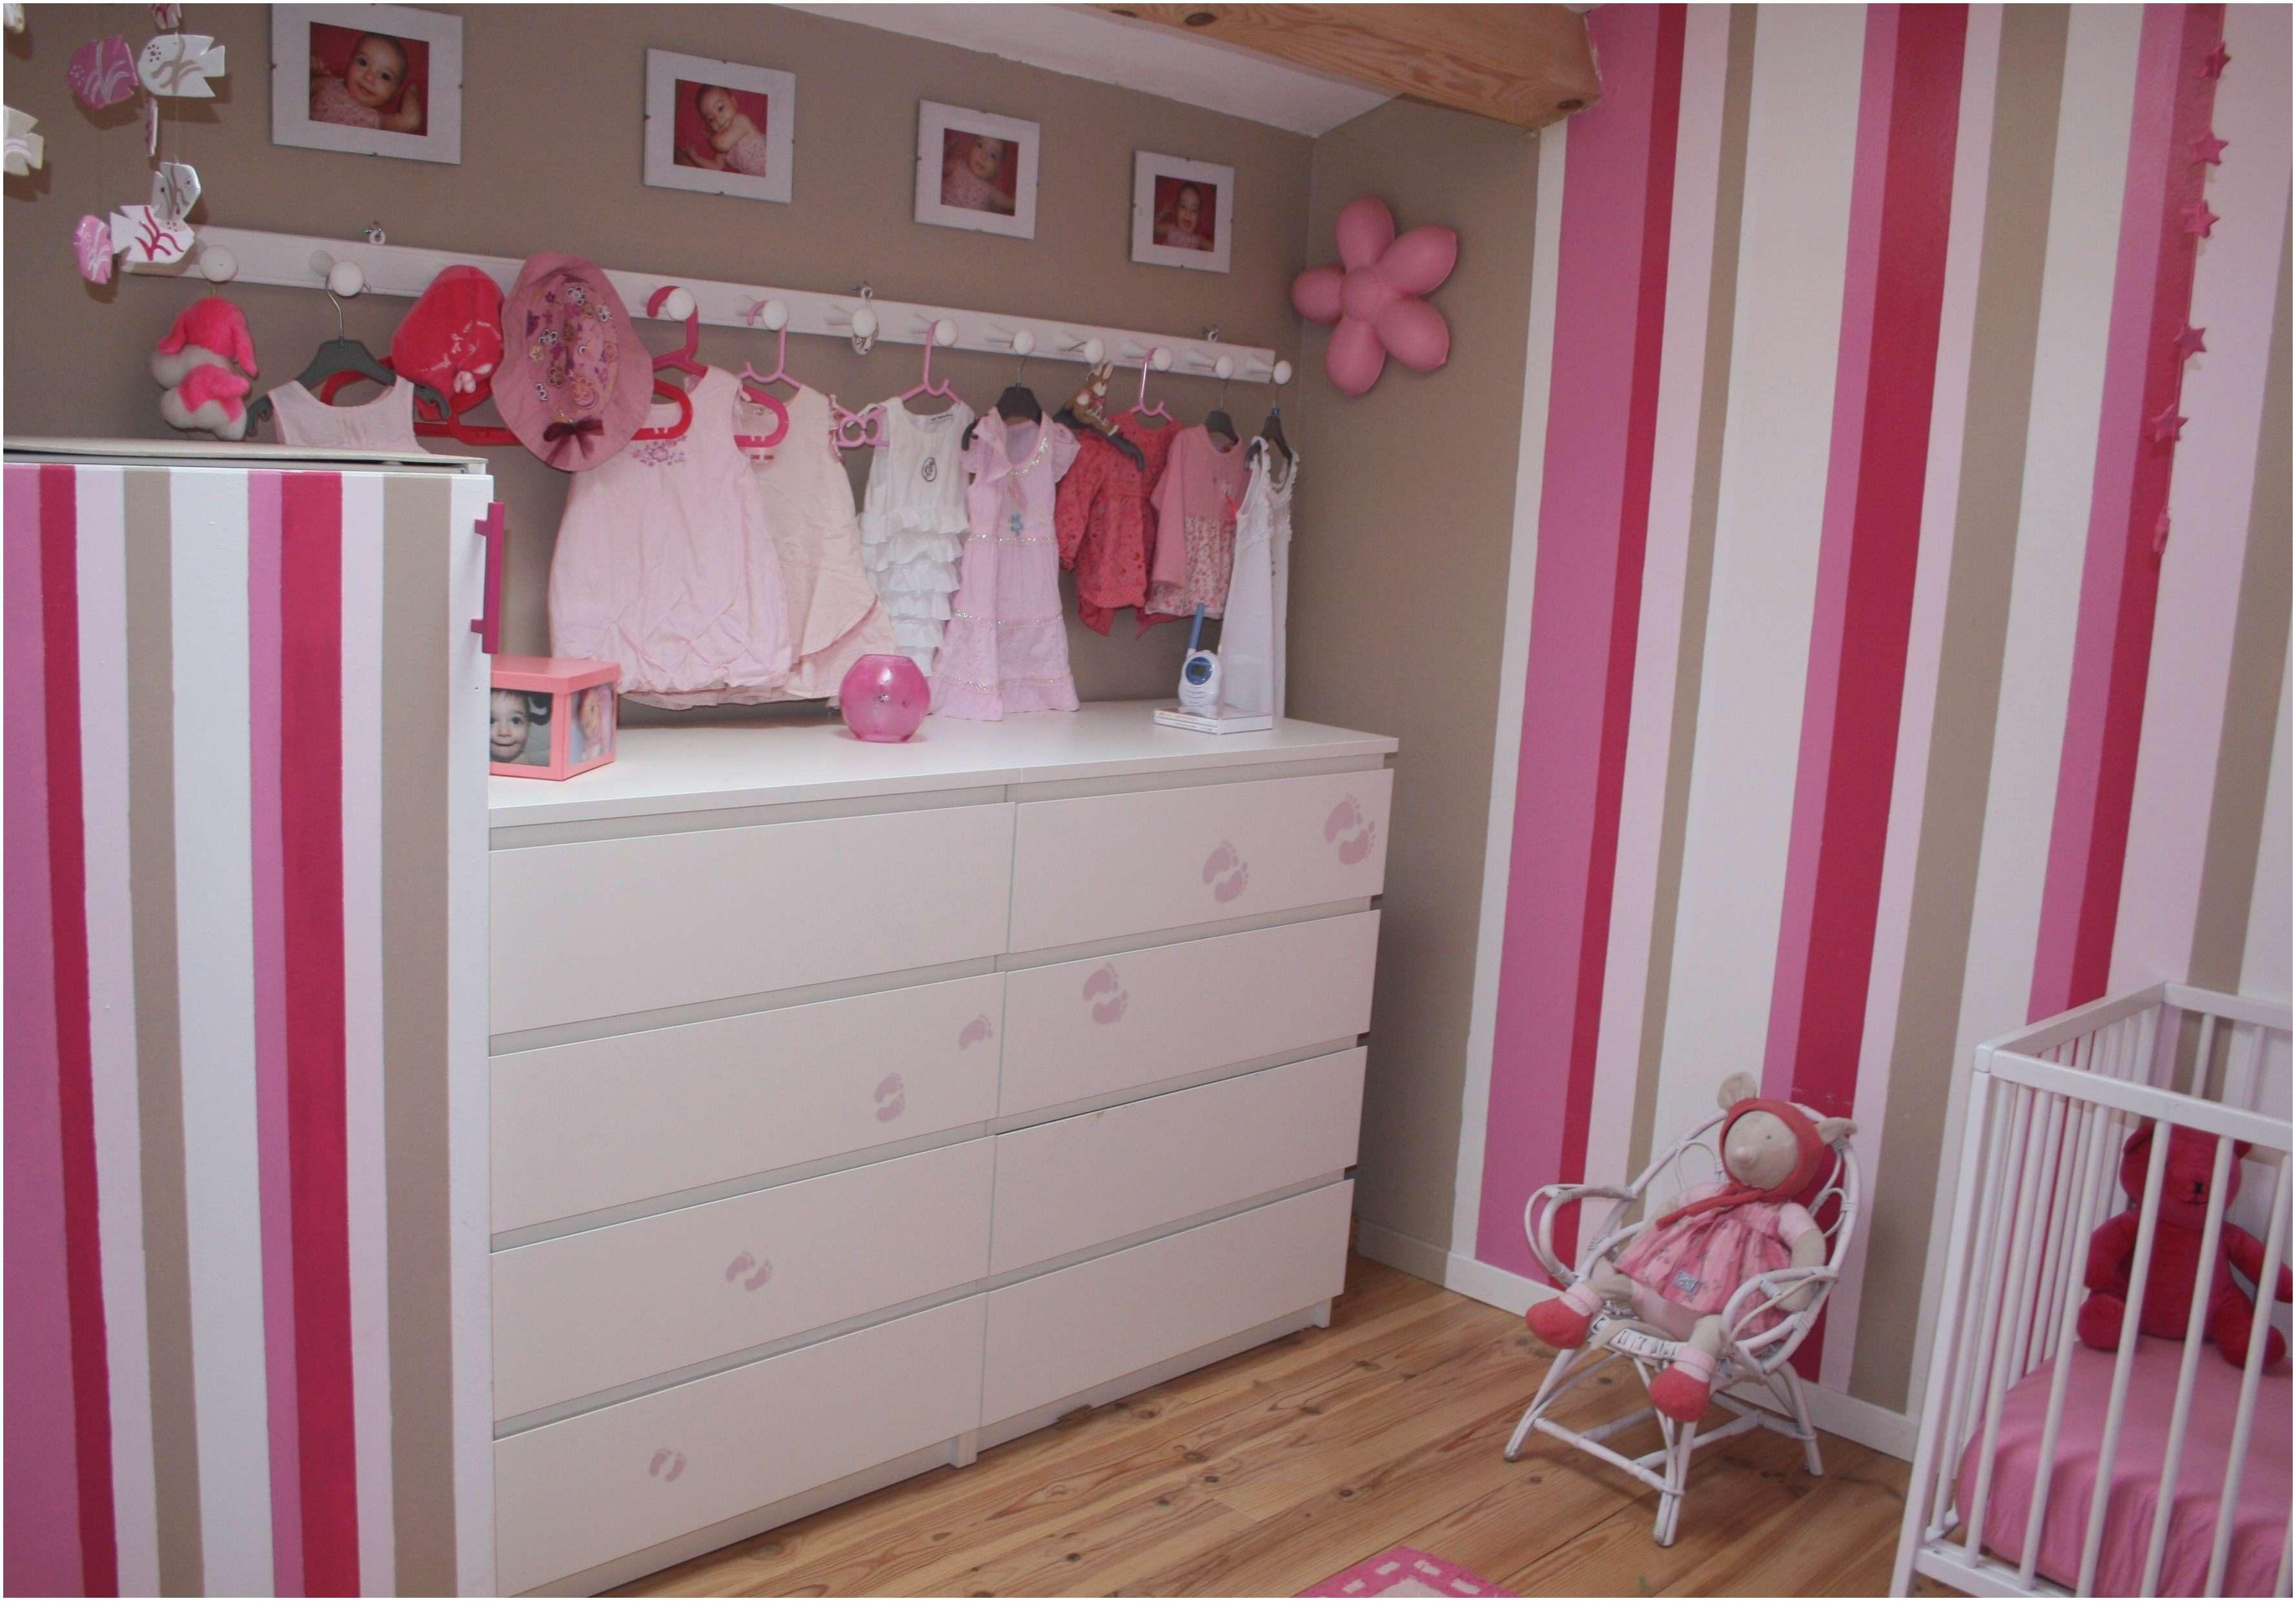 Elégant Chambre Bébé Fille Gris Et Rose Beau Parc B C3 A9b C3 A9